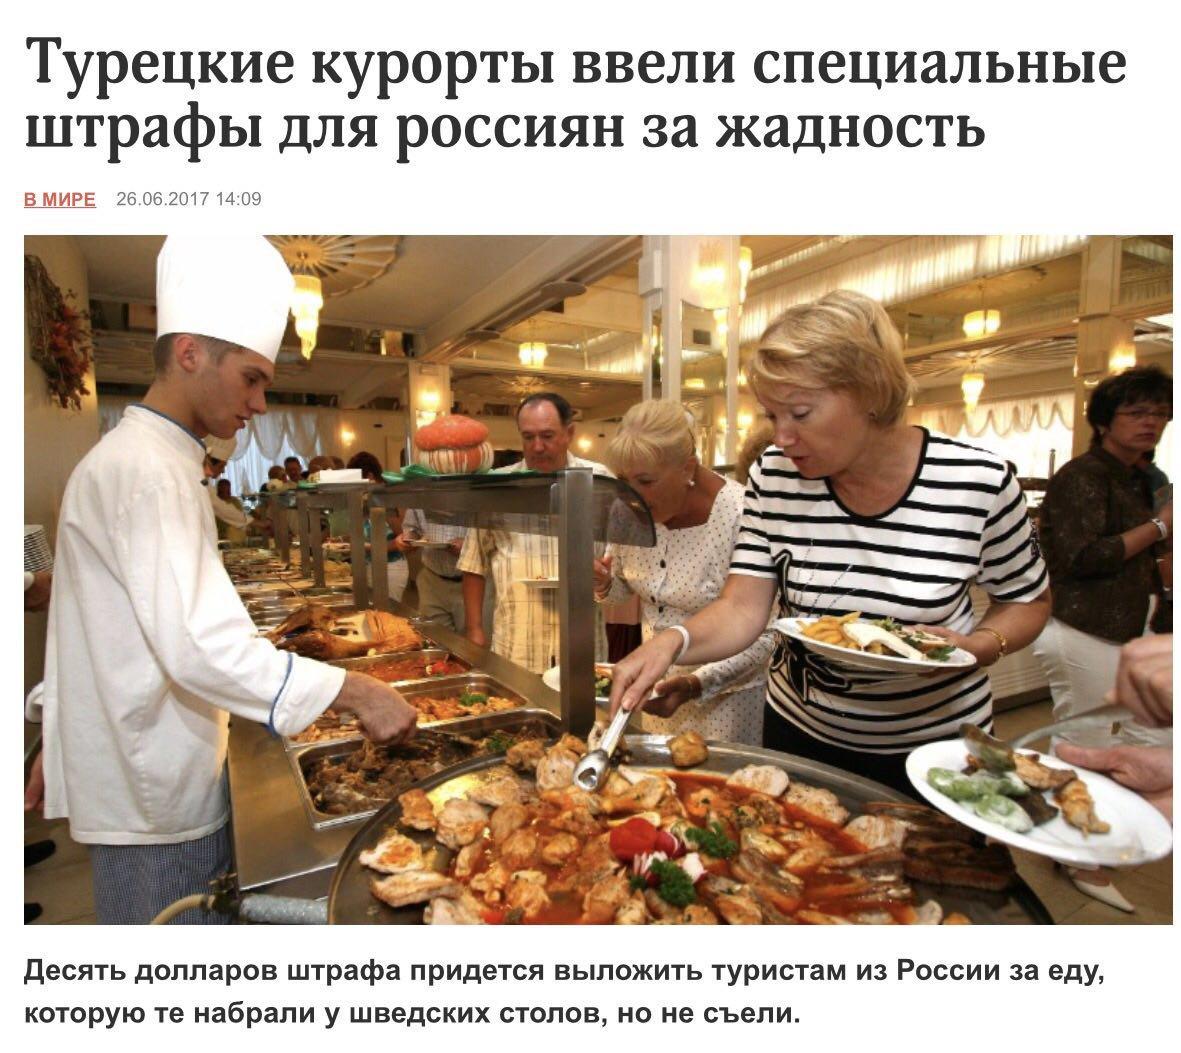 Рогозин пообещал Румынии и Венгрии персональные санкции за срыв его визита в Молдову - Цензор.НЕТ 8952